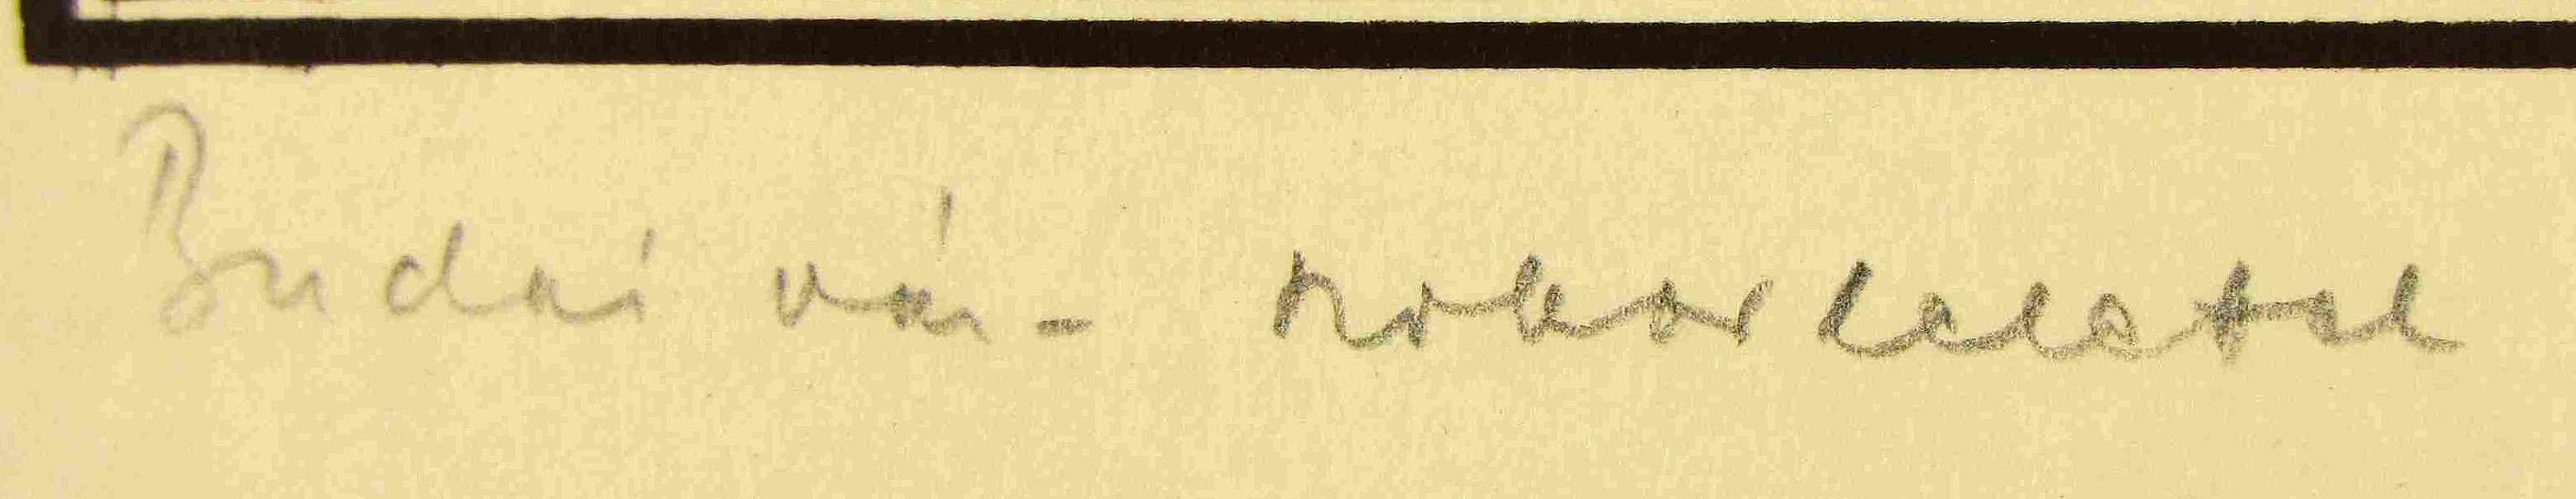 72-310sb.JPG (3126×606)